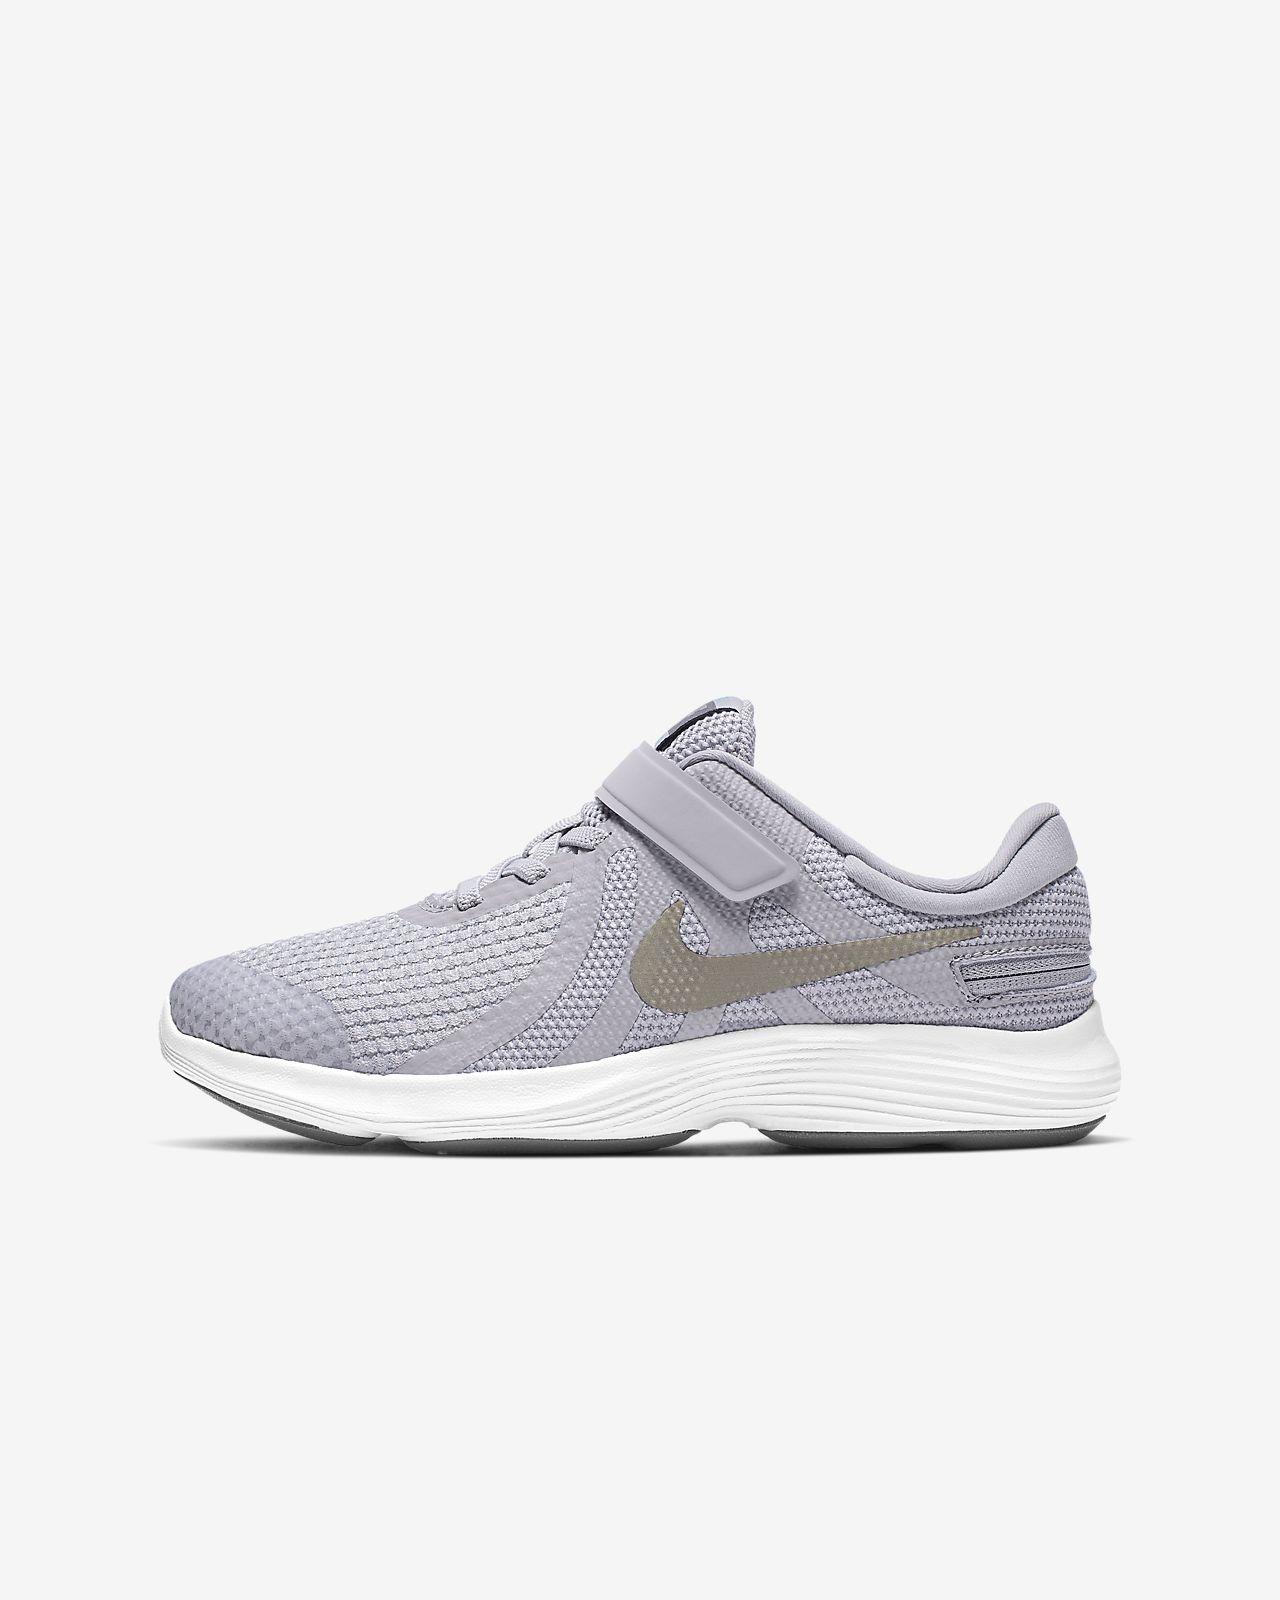 Chaussure de running Nike Revolution 4 FlyEase 4E pour Enfant plus âgé